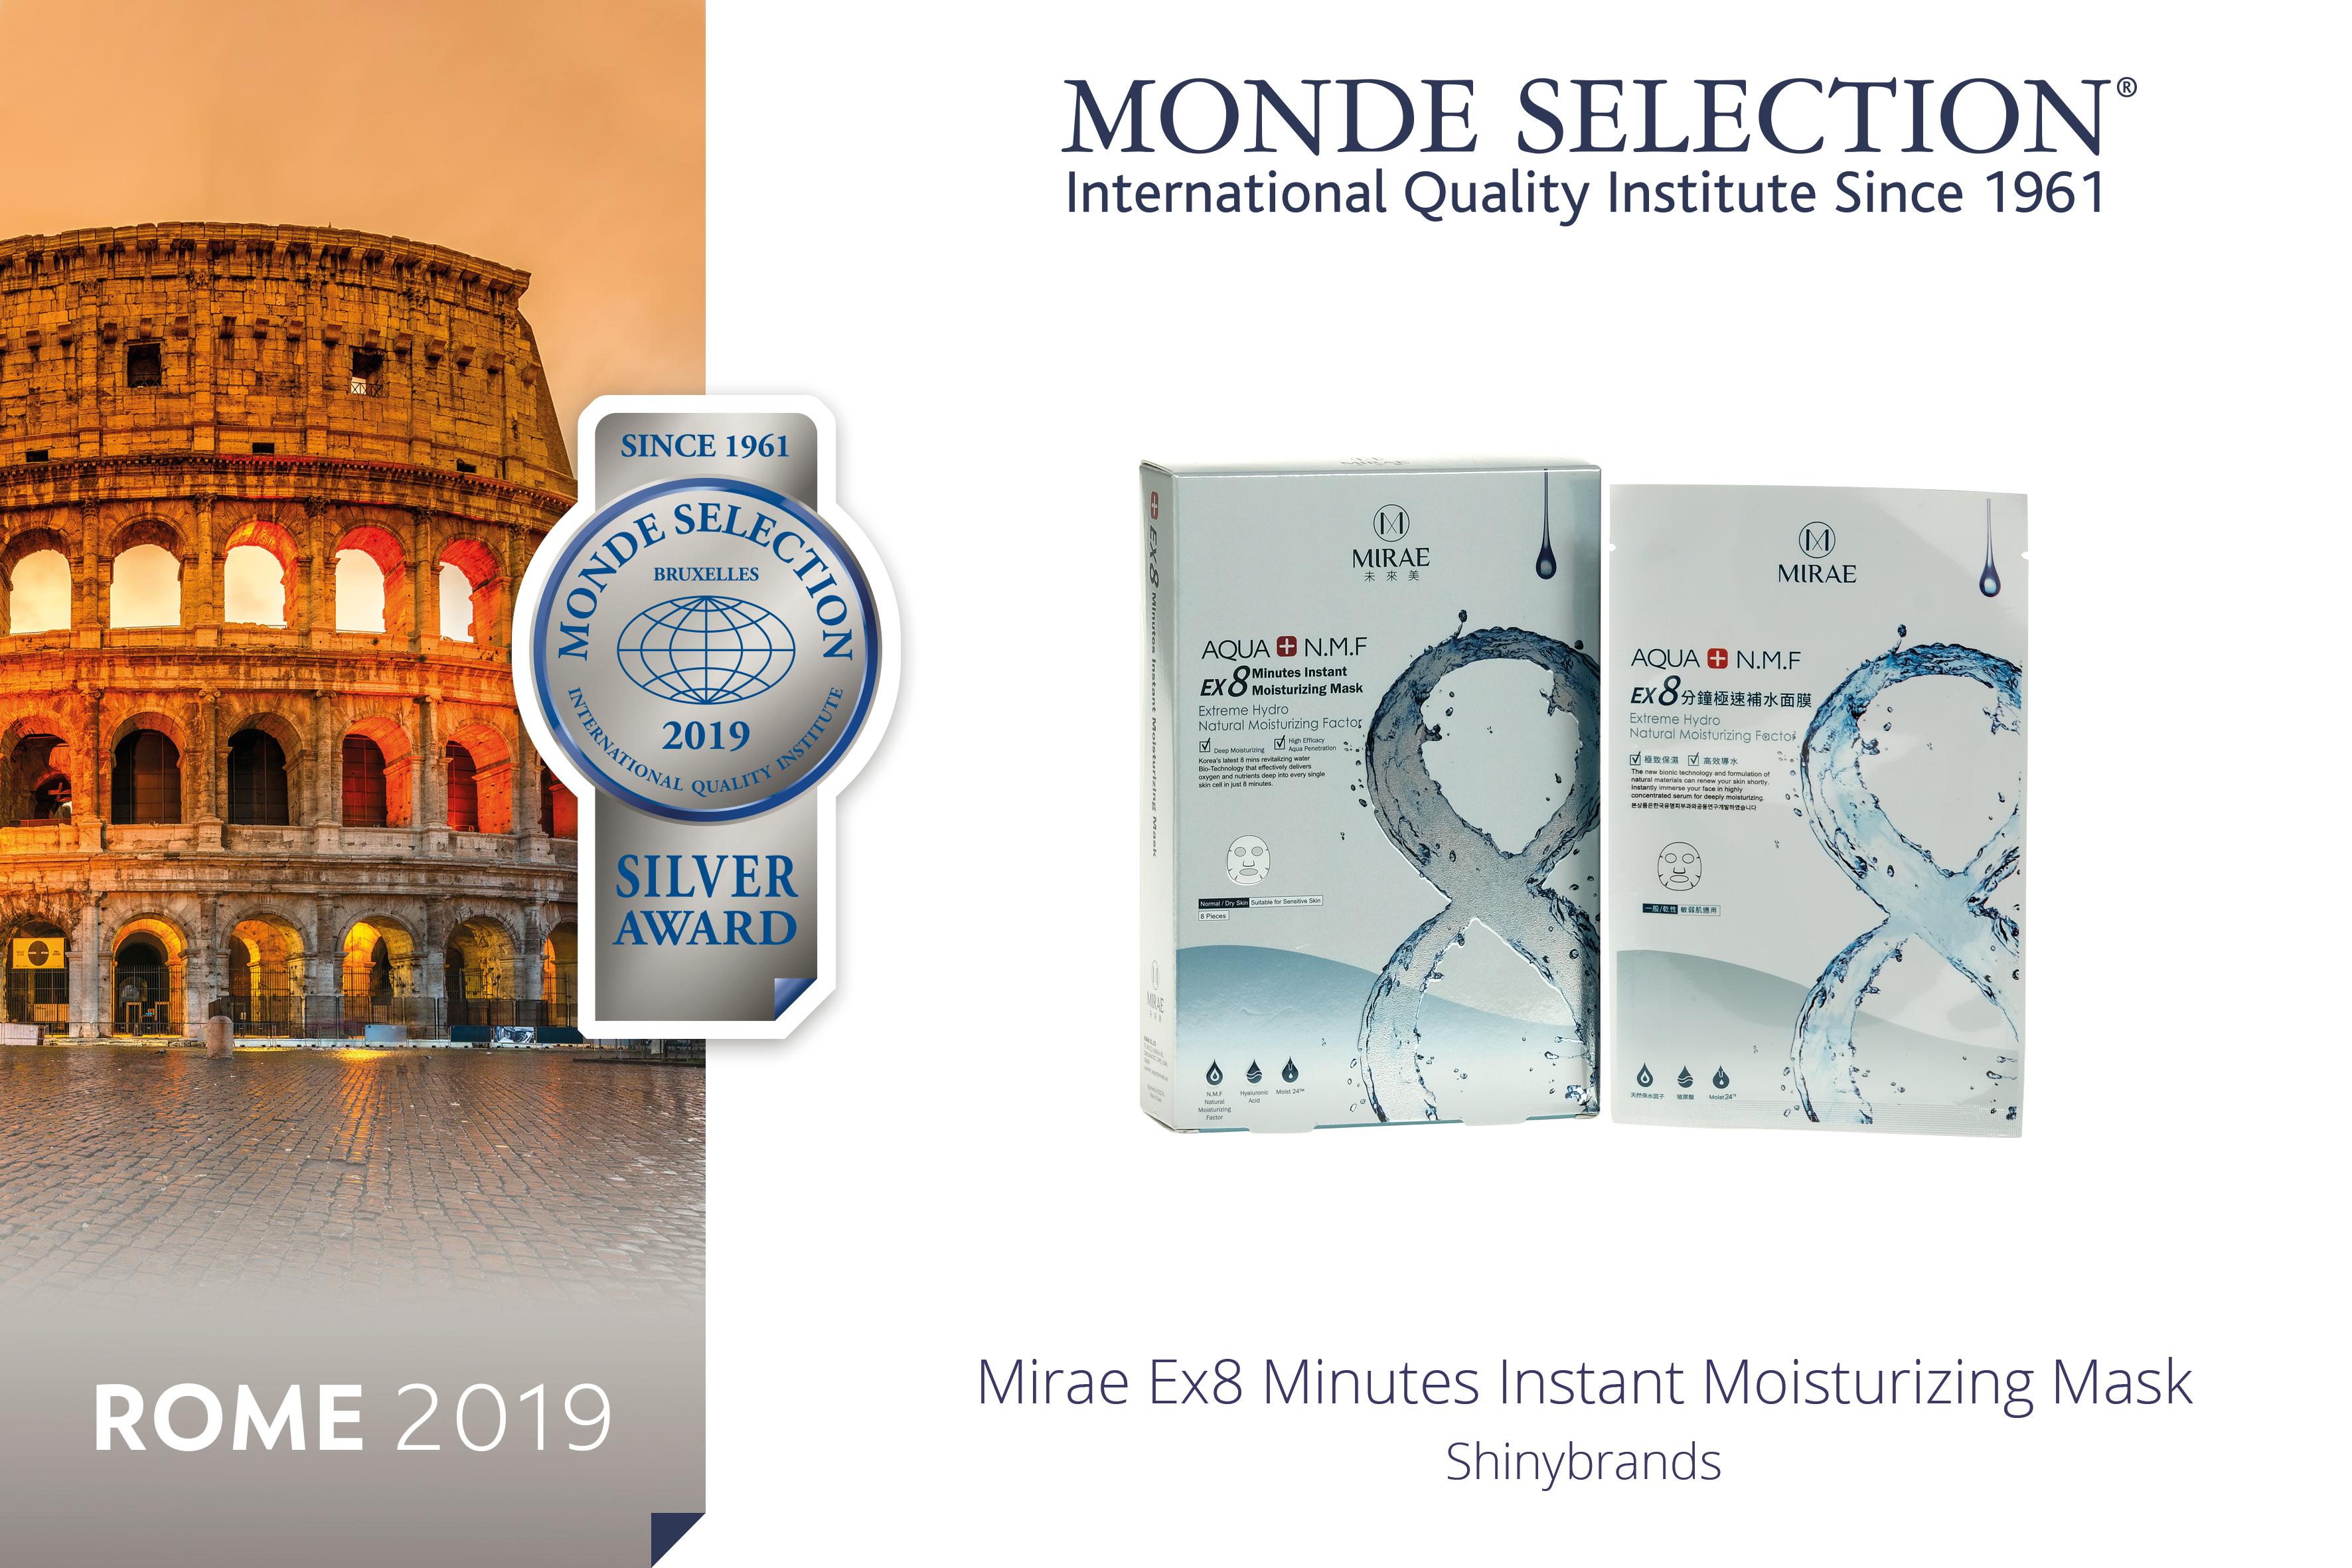 Shinybrands - Mirae Ex8 Minutes Instant Moisturizing Mask